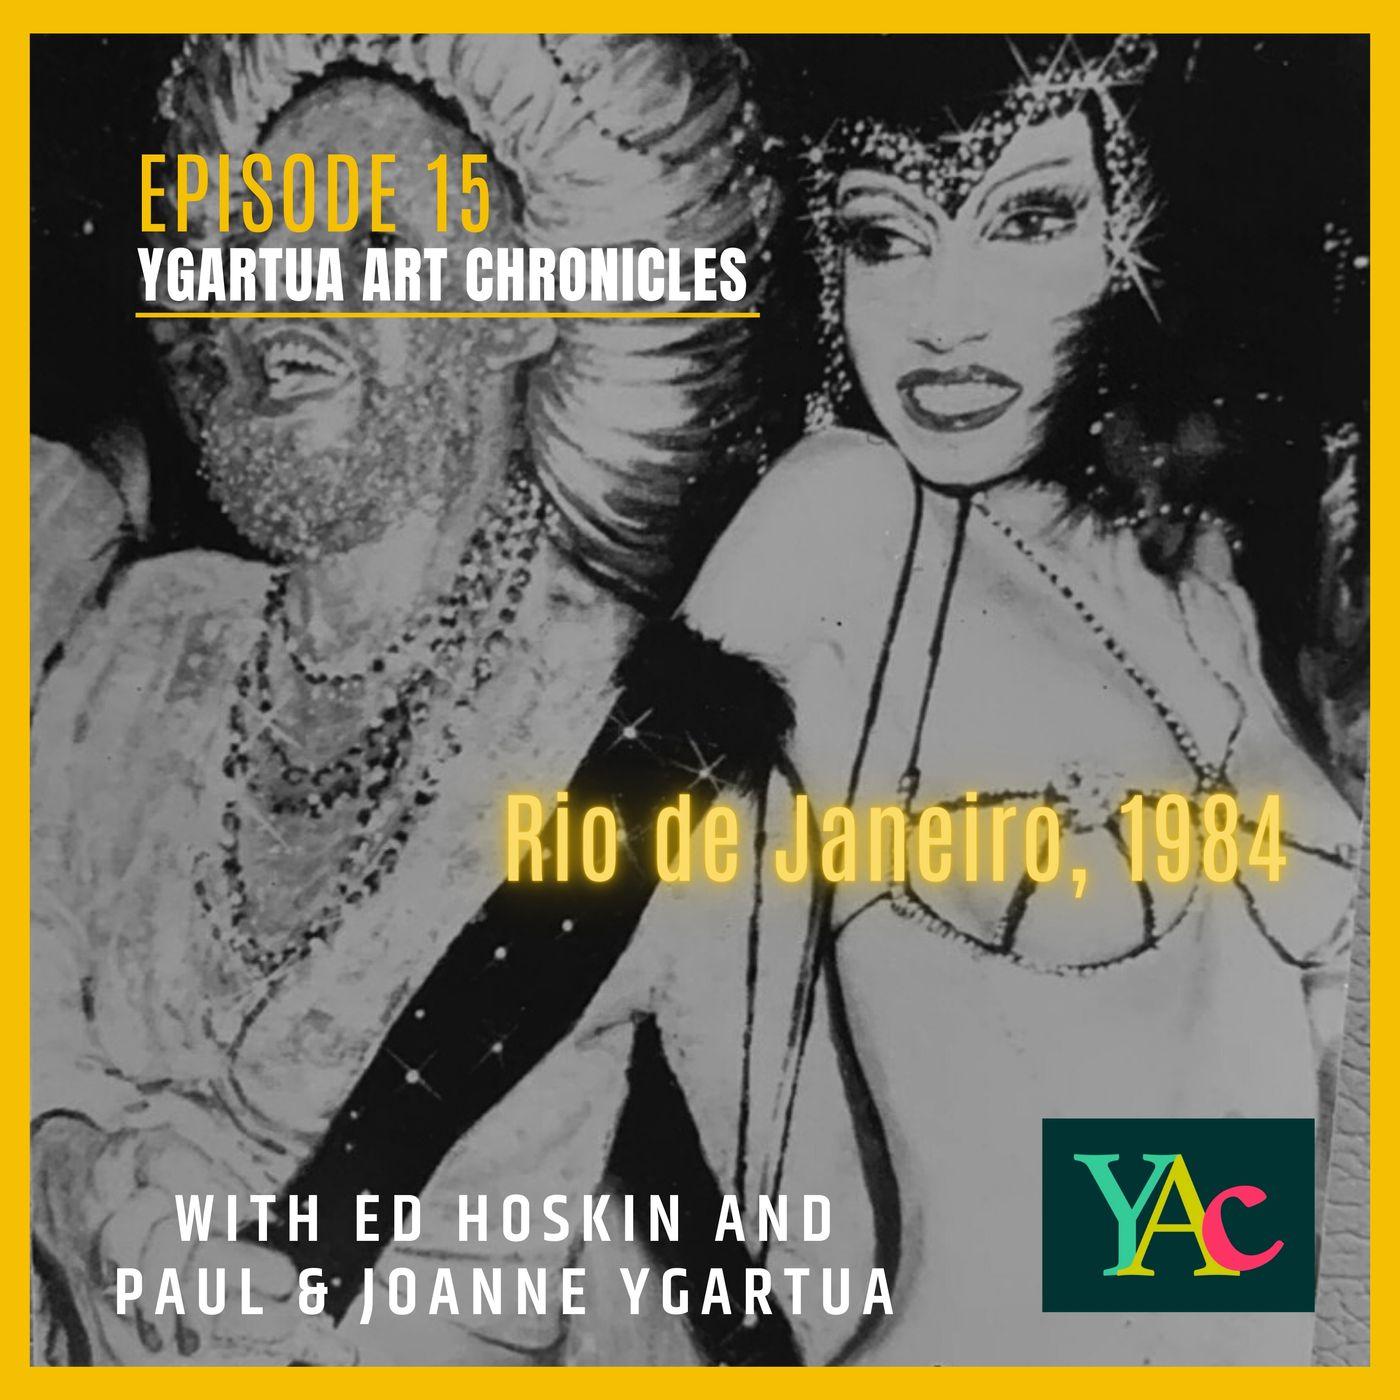 Episode 15: Rio de Janeiro, 1984